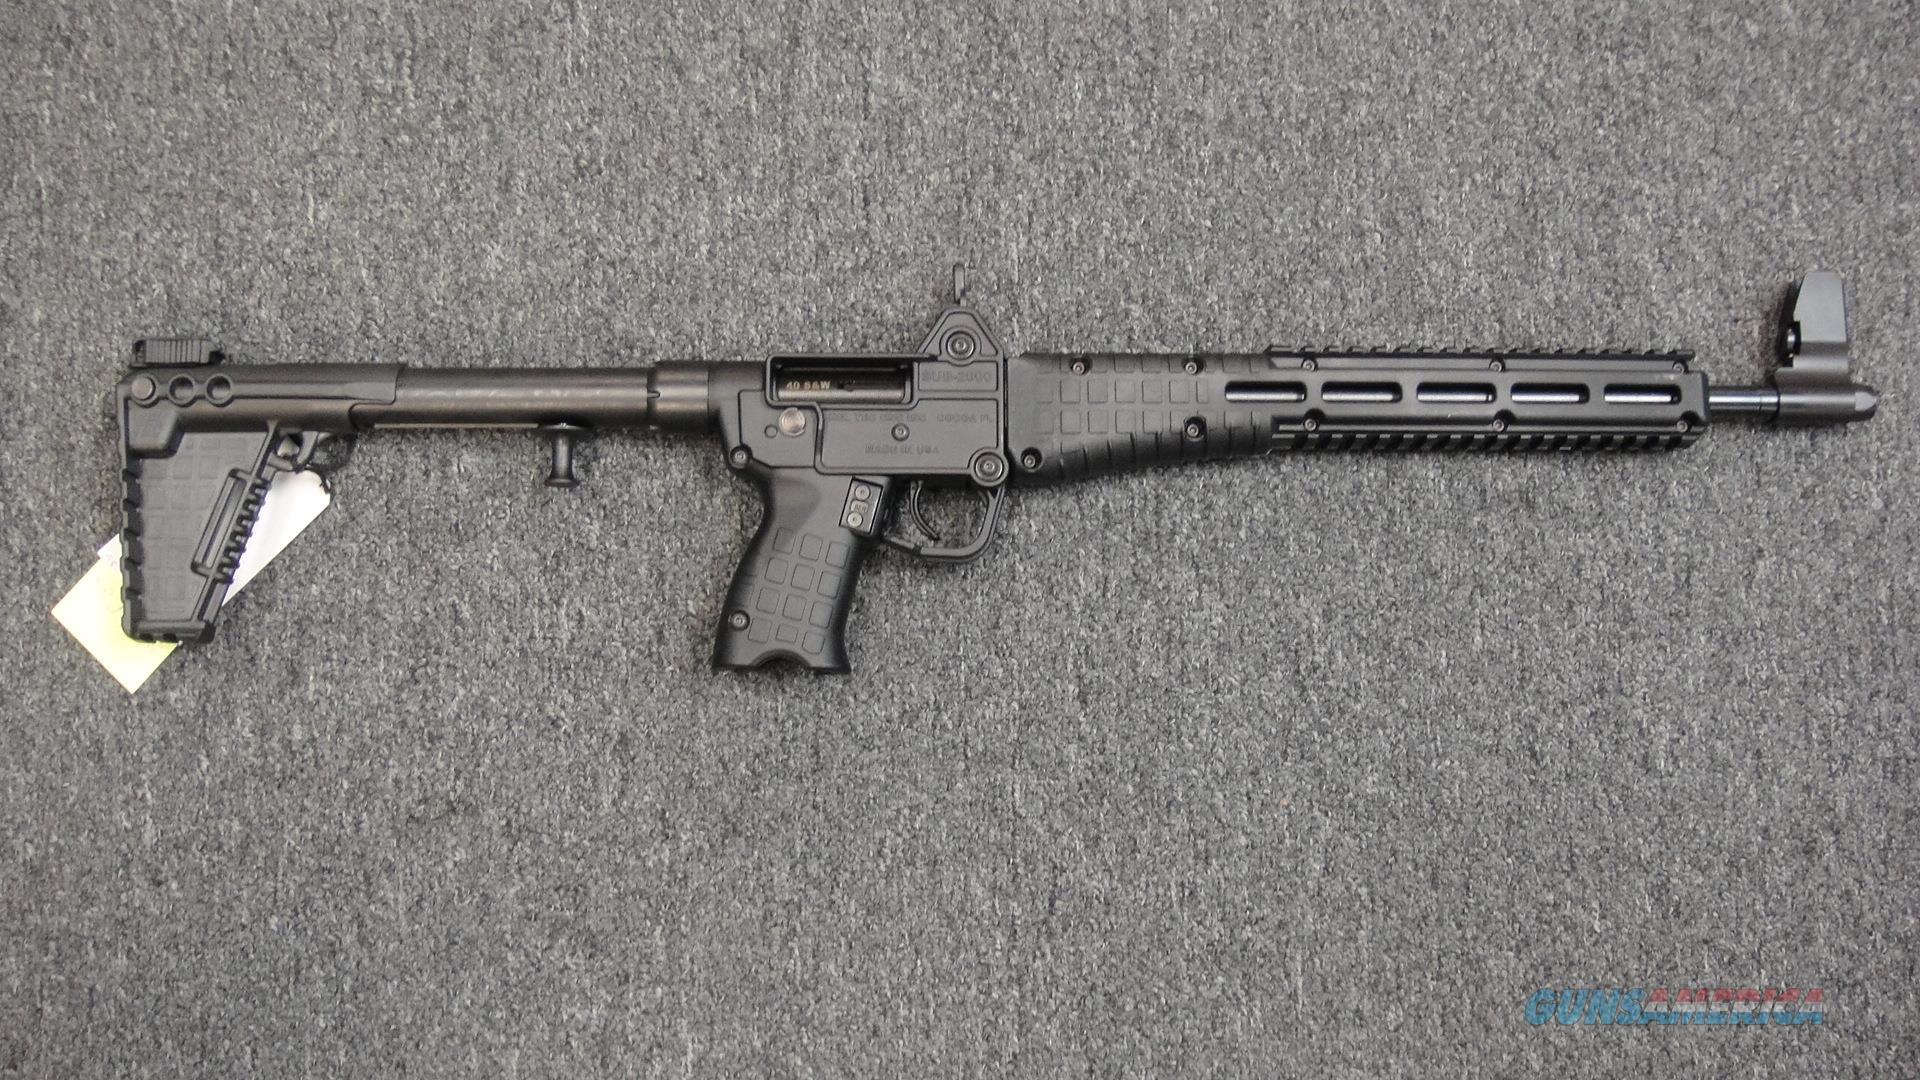 Kel-Tec Sub2000 gen 2 Beretta 96  Guns > Rifles > Kel-Tec Rifles